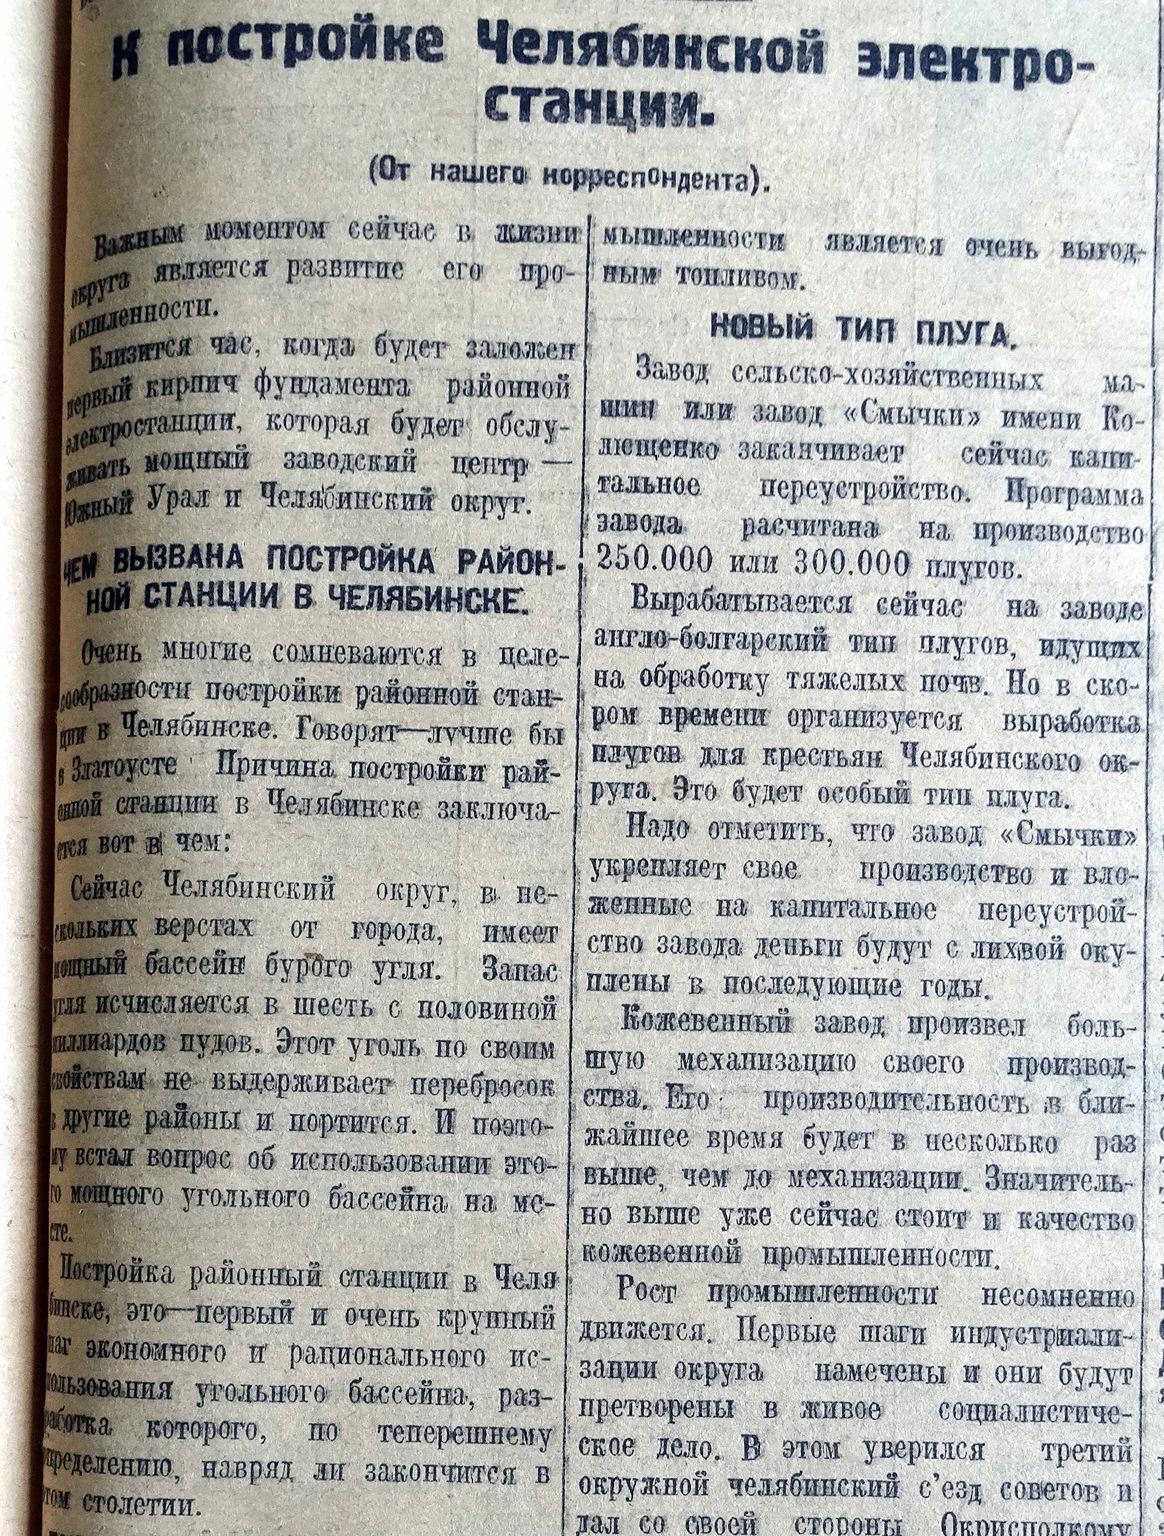 """Газета """"Уральский рабочий"""". 23 марта 1927 г."""